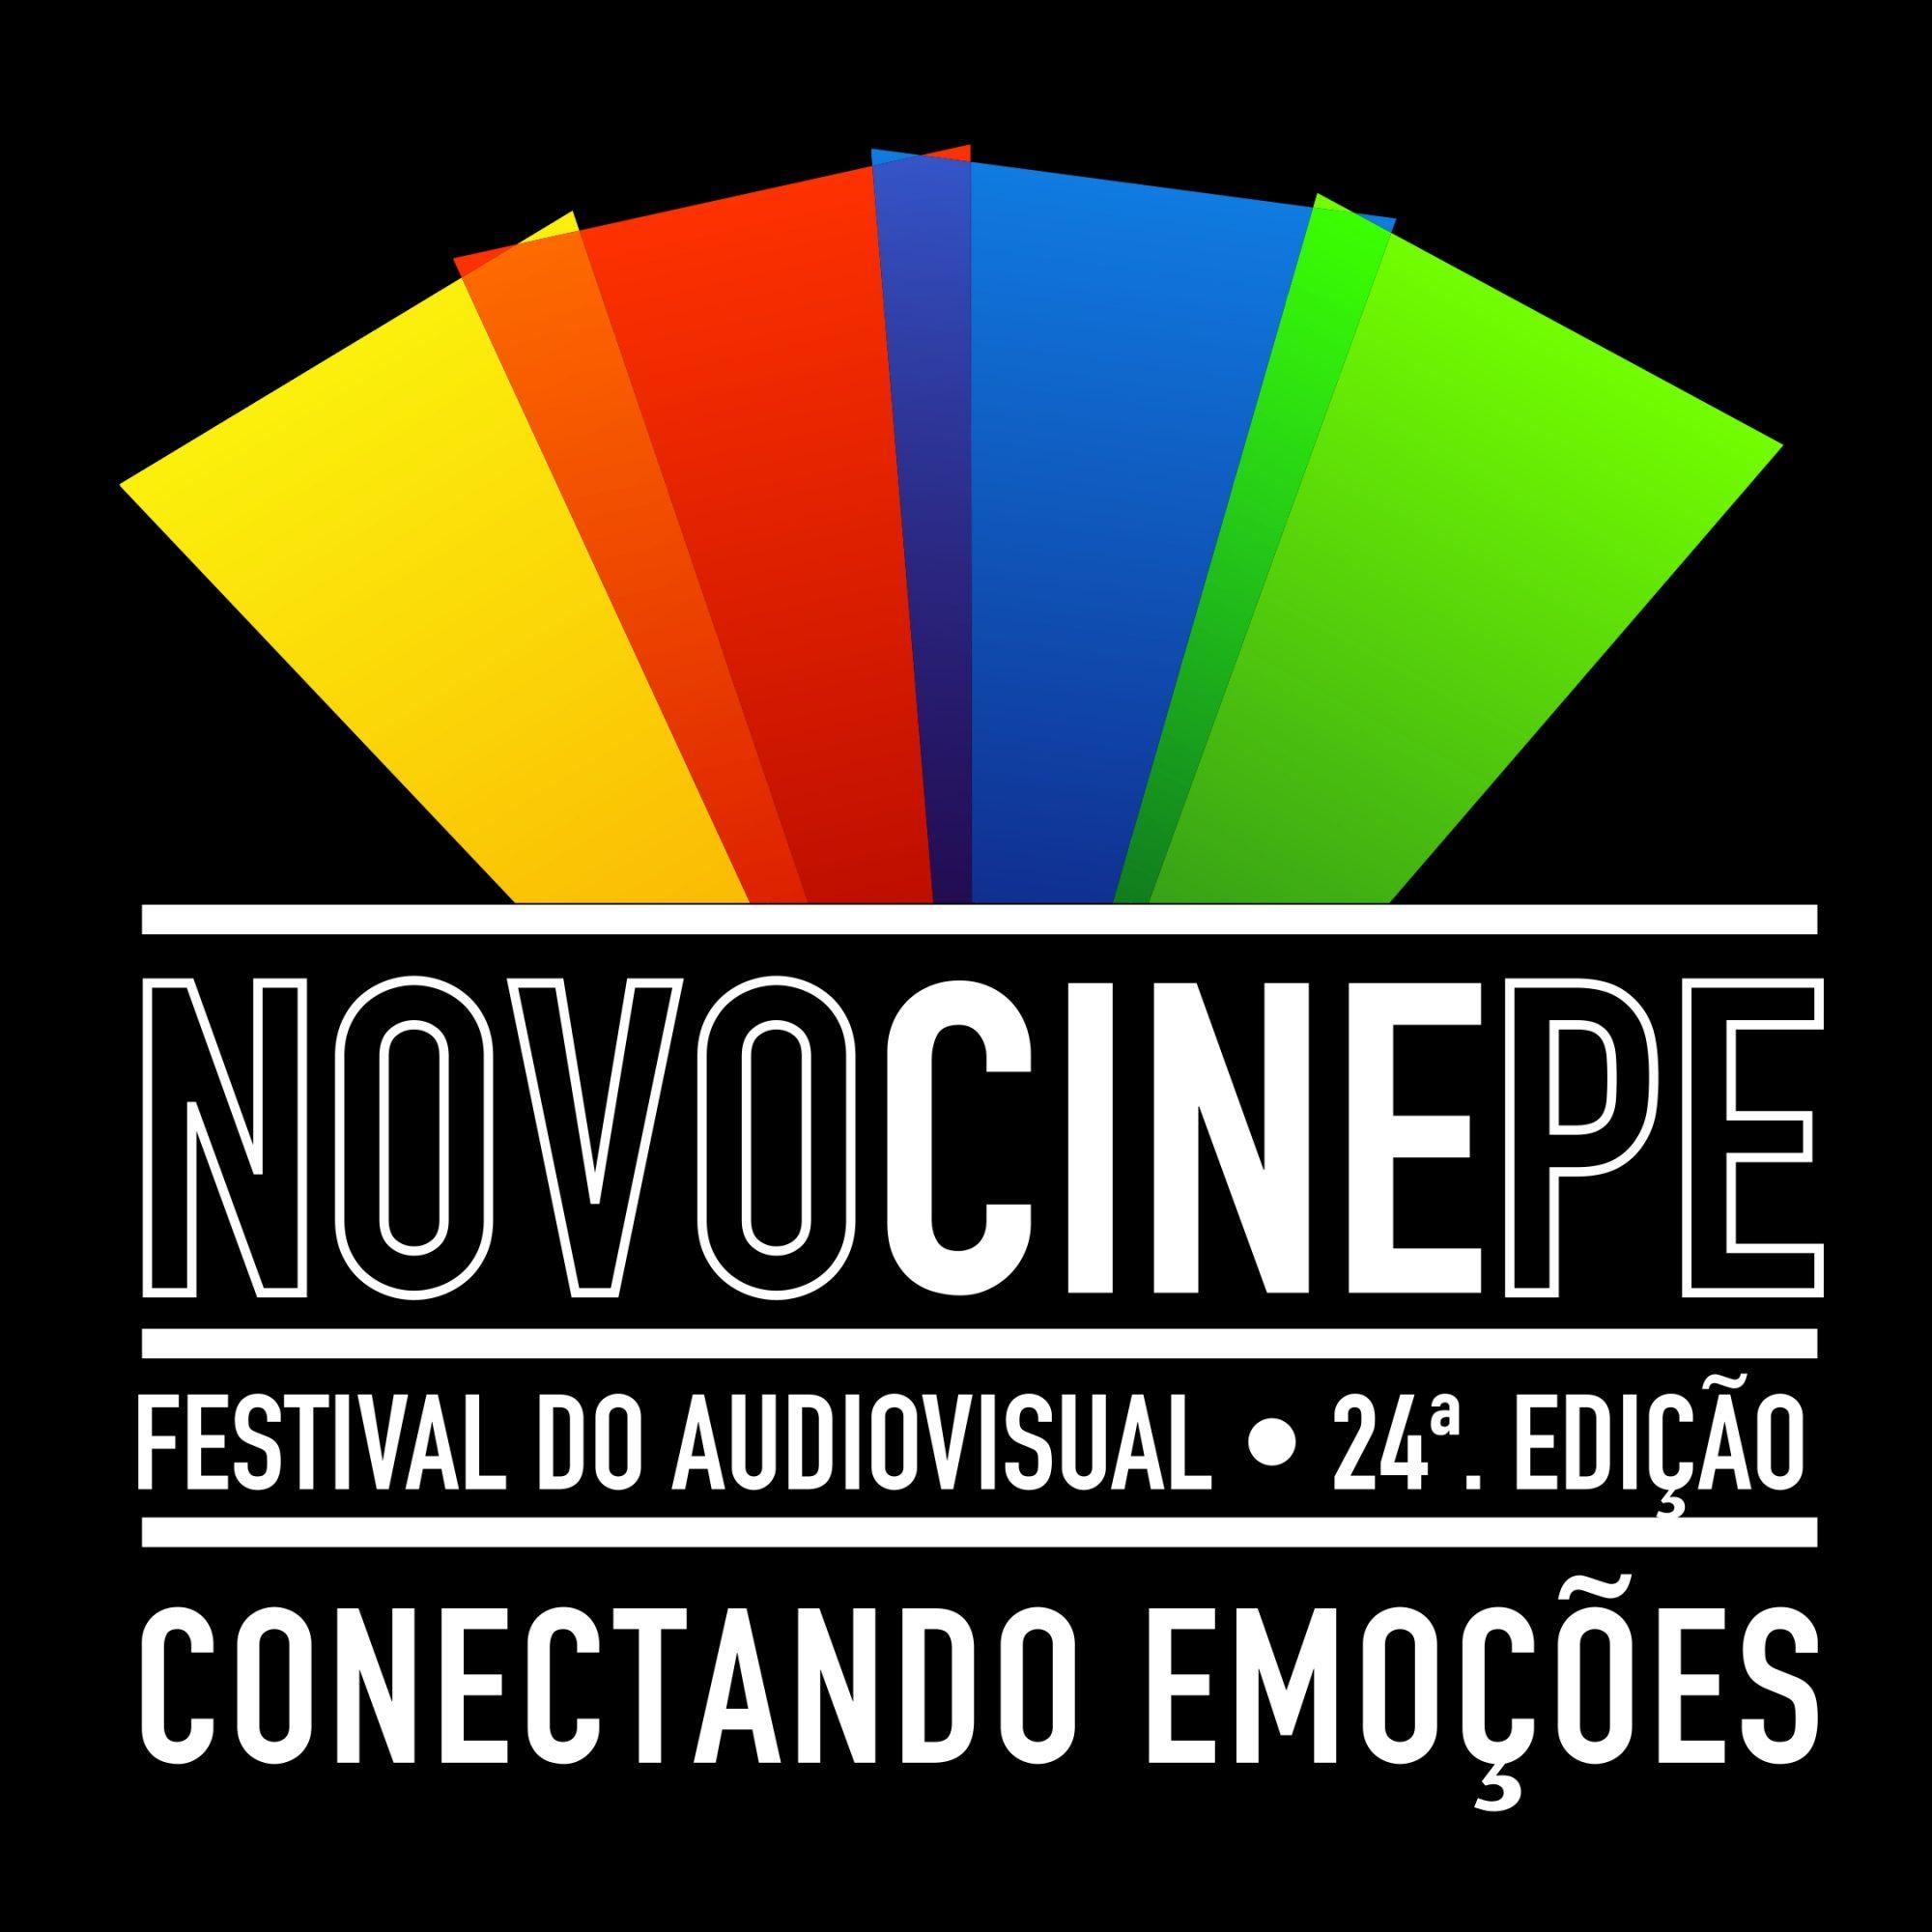 NOVO CINE PE 2020 COMEÇA NESTA SEGUNDA-FEIRA (23)